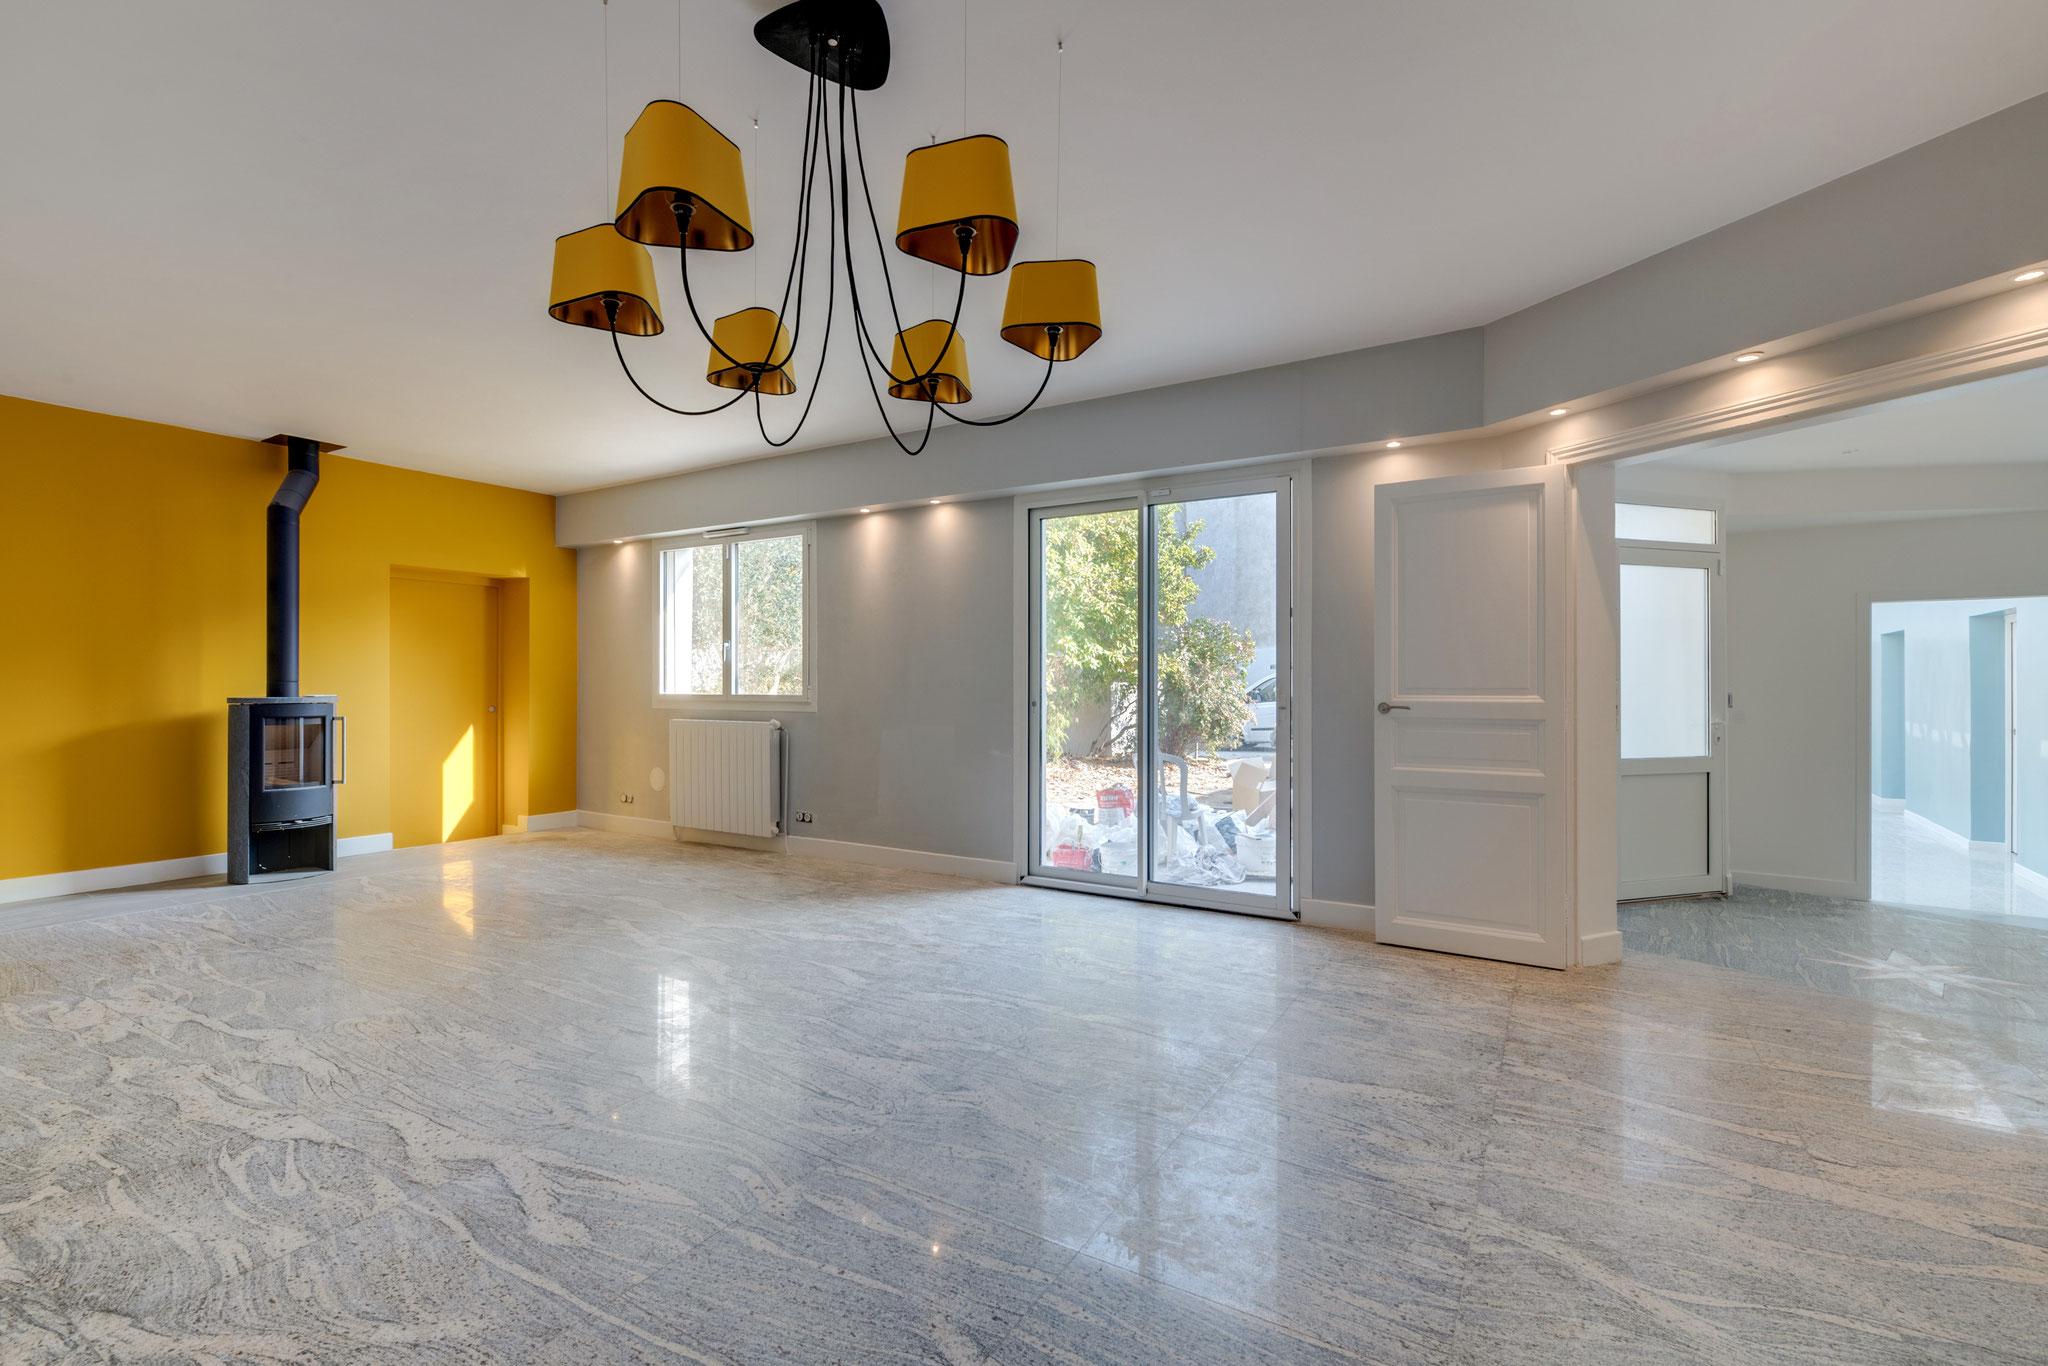 Réalisation - Salon avec marbre au sol